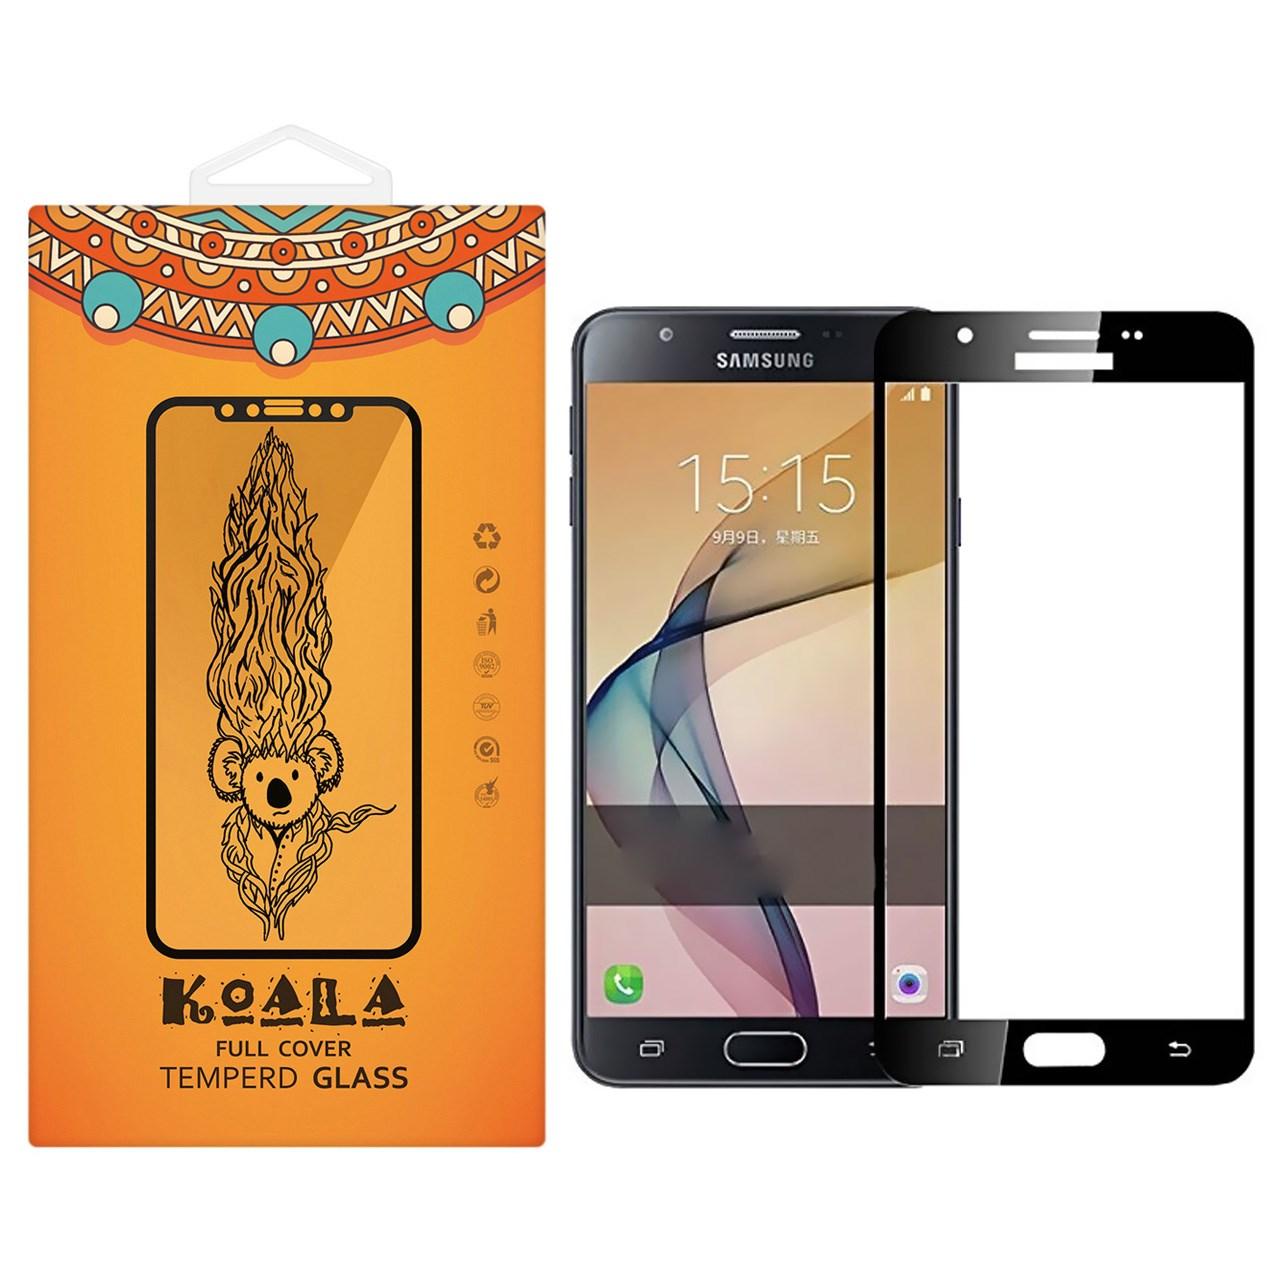 محافظ صفحه نمایش شیشه ای کوالا مدل Full Cover مناسب برای گوشی موبایل سامسونگ Galaxy J7 Prime 2/J7 Prime 2018              ( قیمت و خرید)